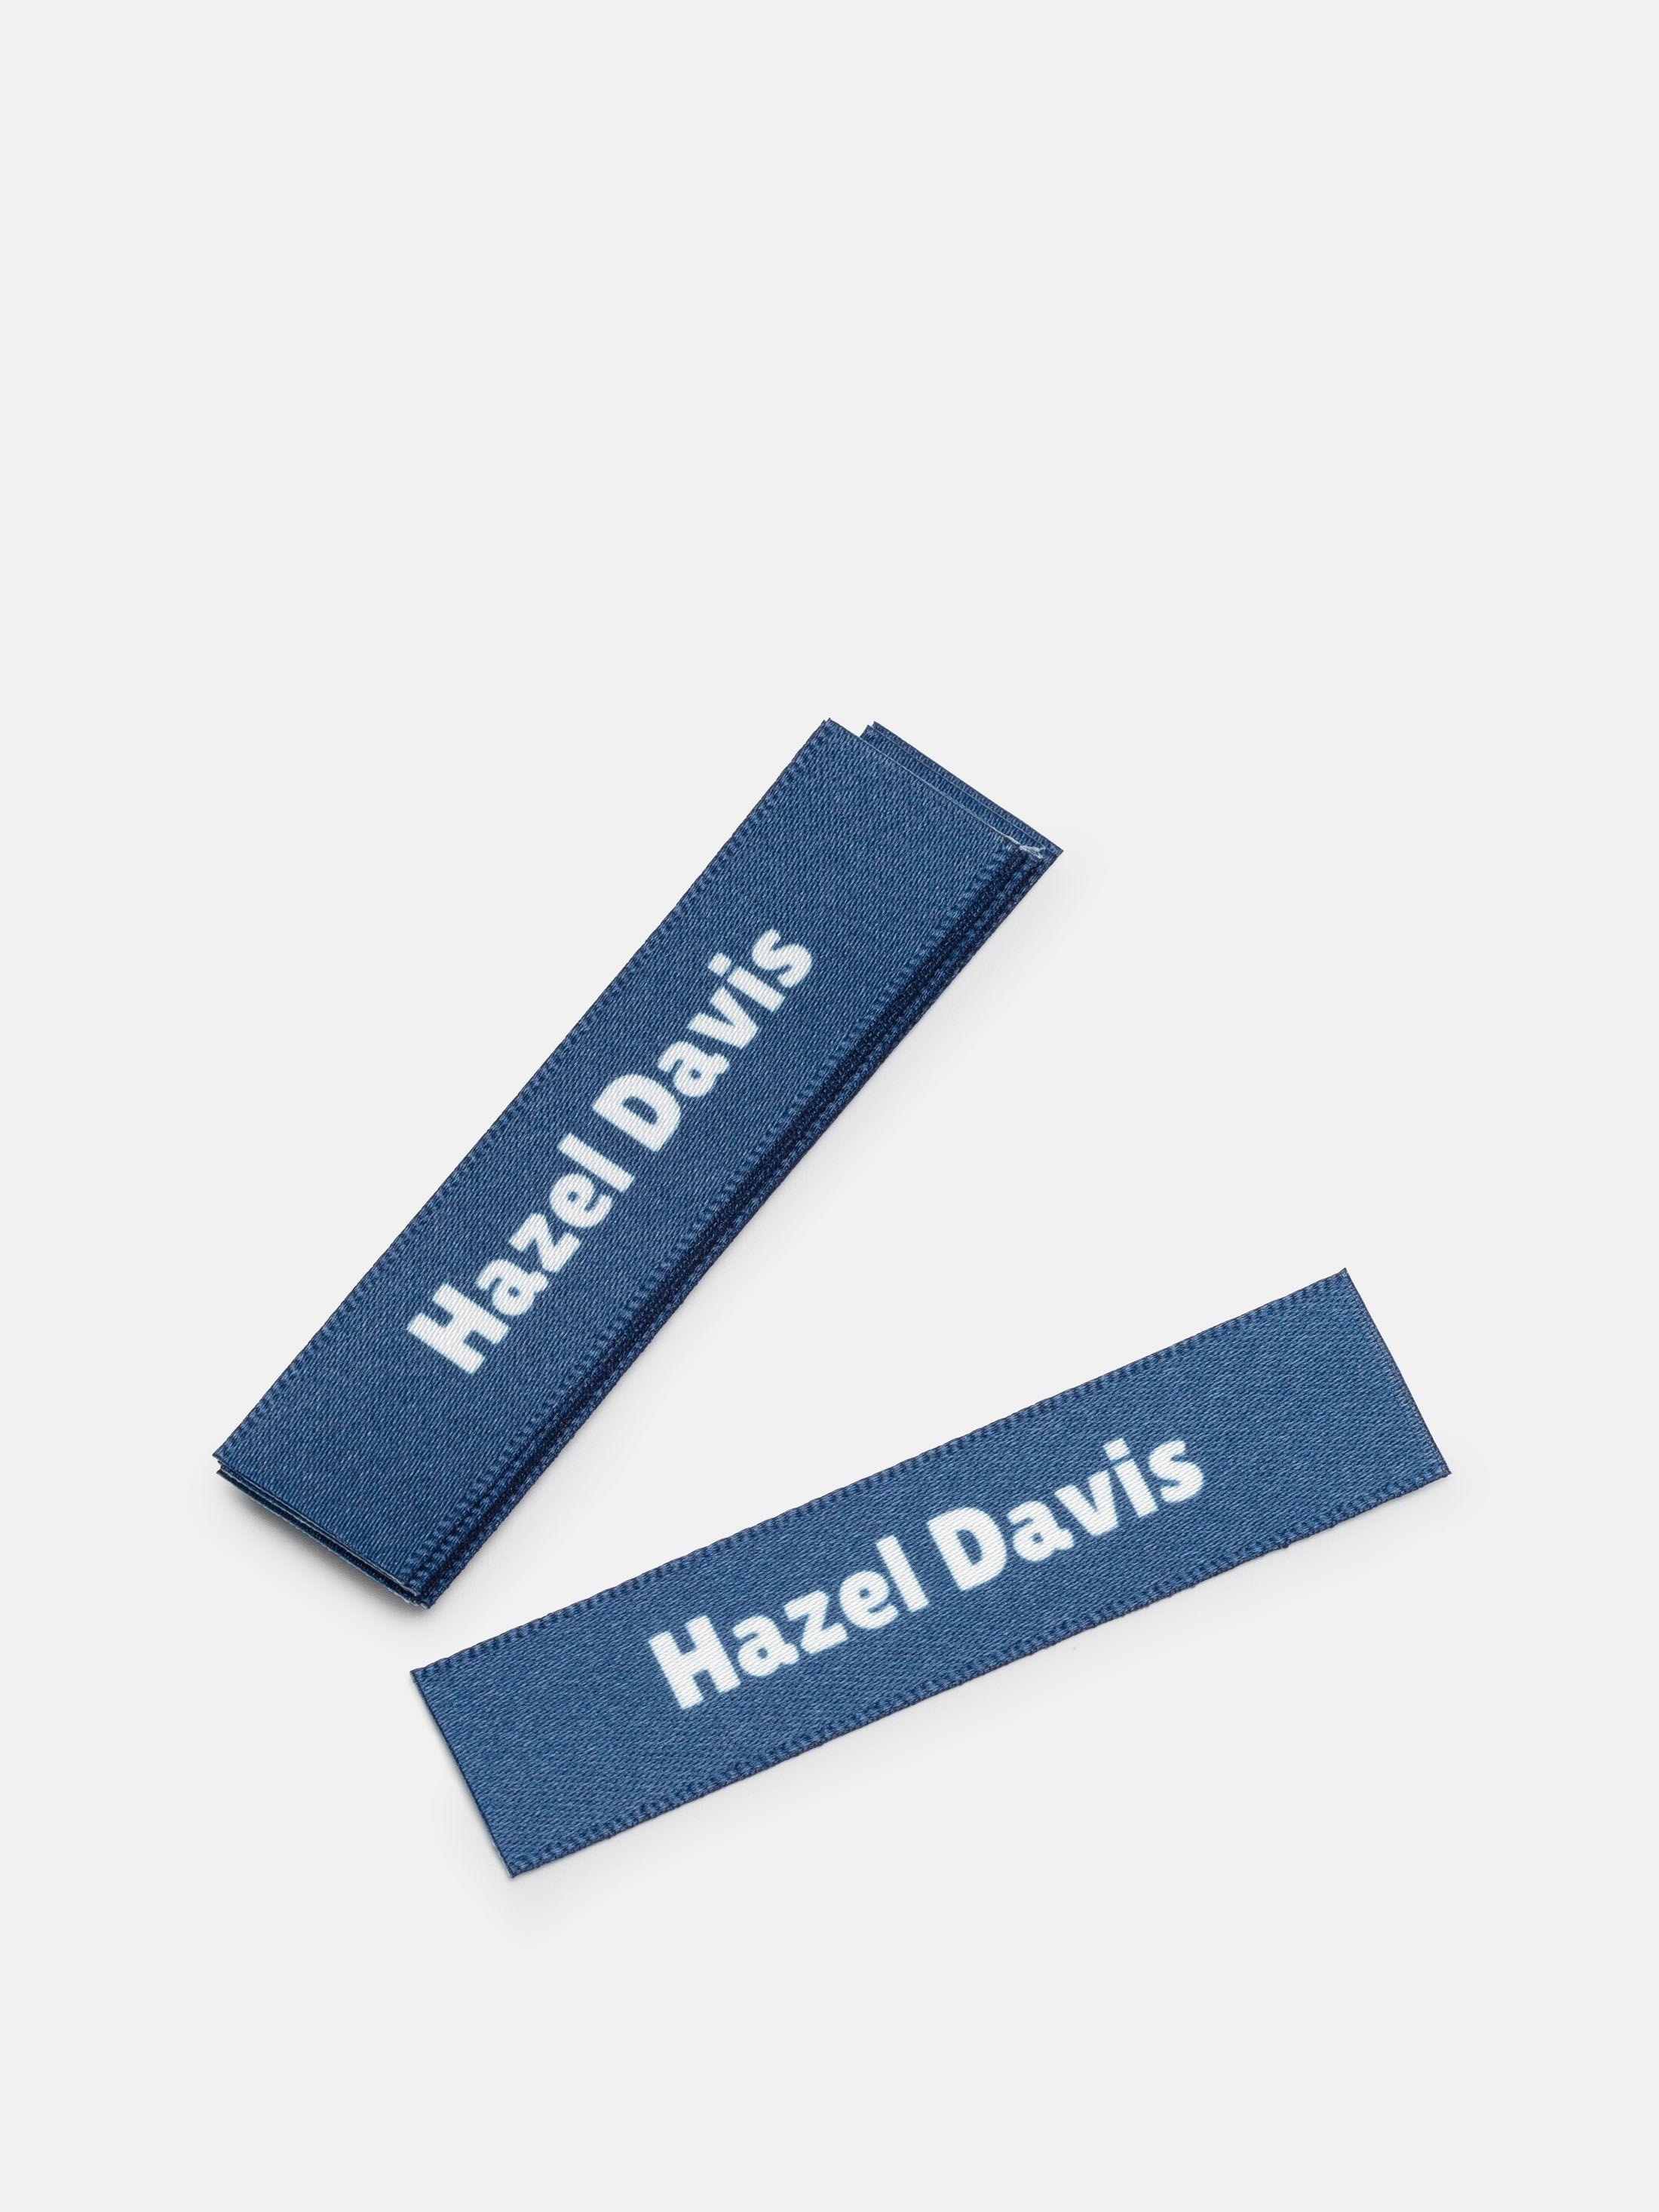 clothes labels for school uniform navy blue